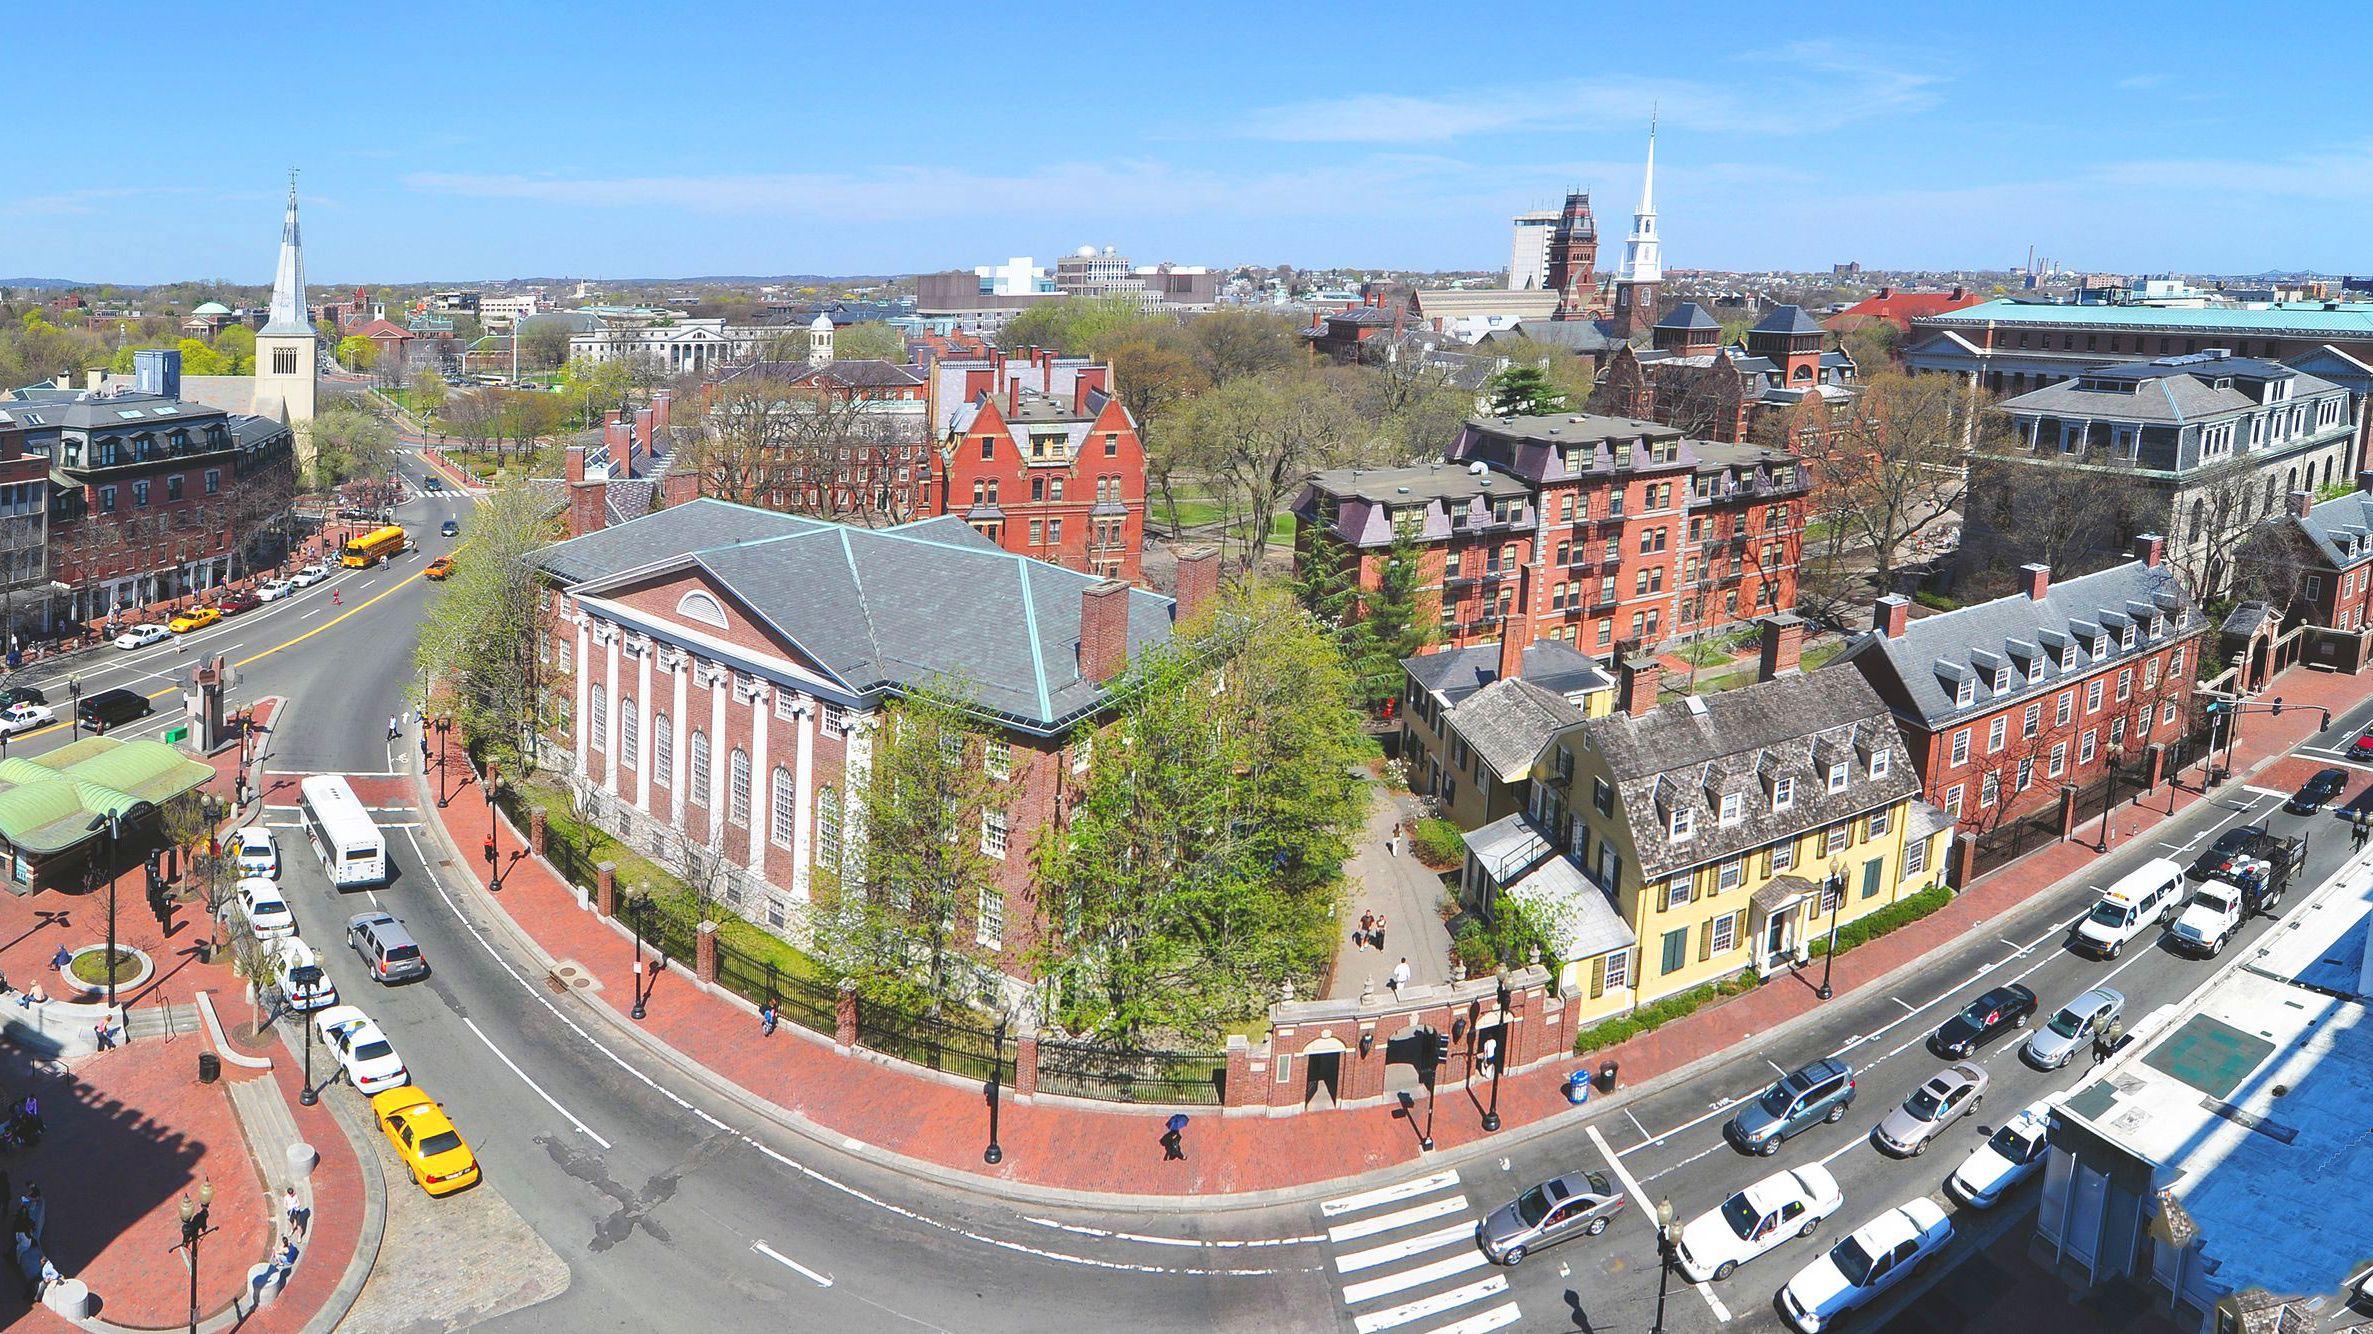 議会での的外れな質問防げ、 ハーバード大学が議員向け 「AIブートキャンプ」実施